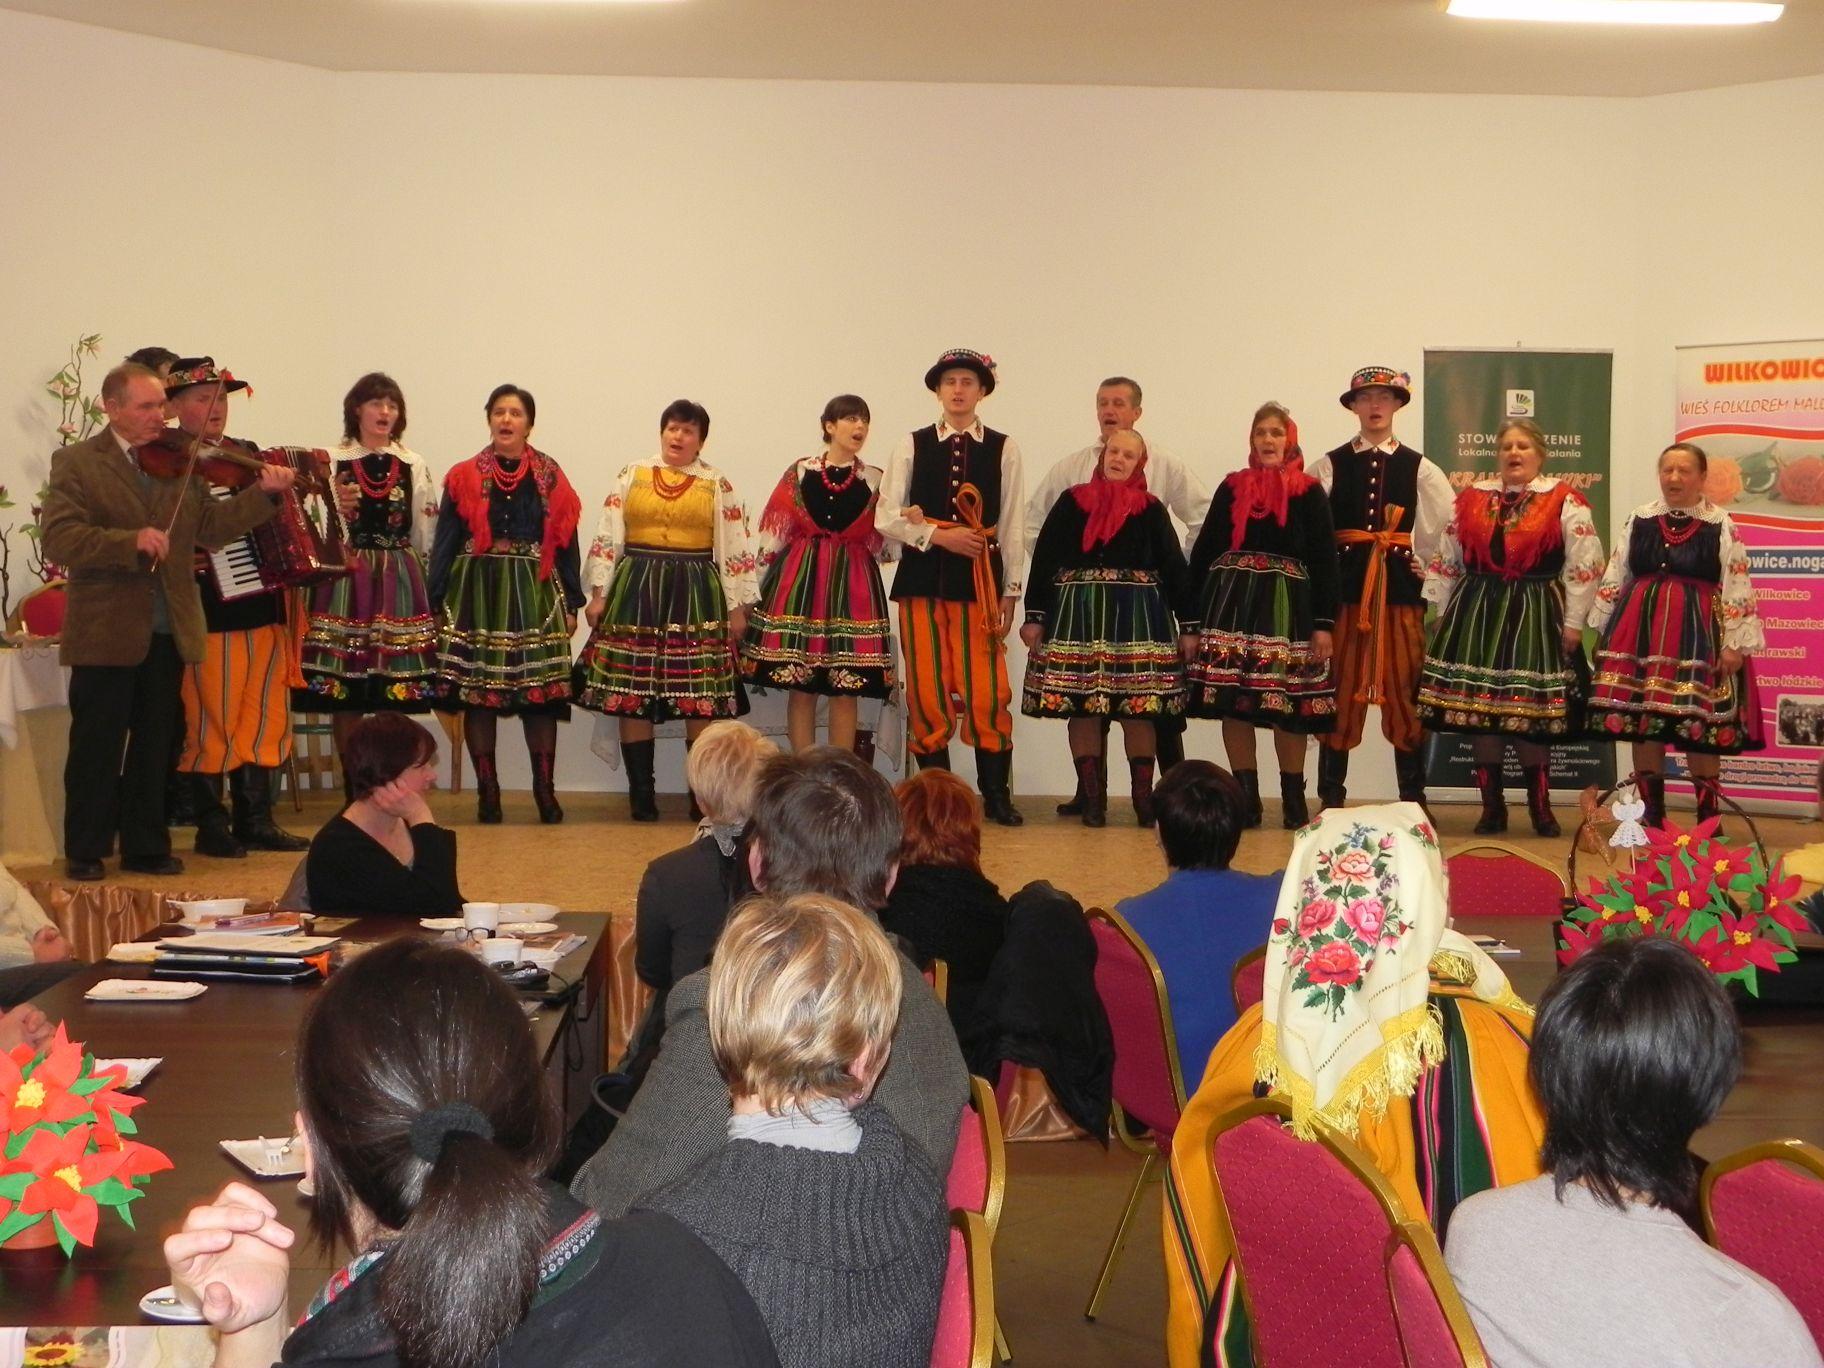 2012-12-14 Wilkowice - Konferencja Wioski tematyczne (157)